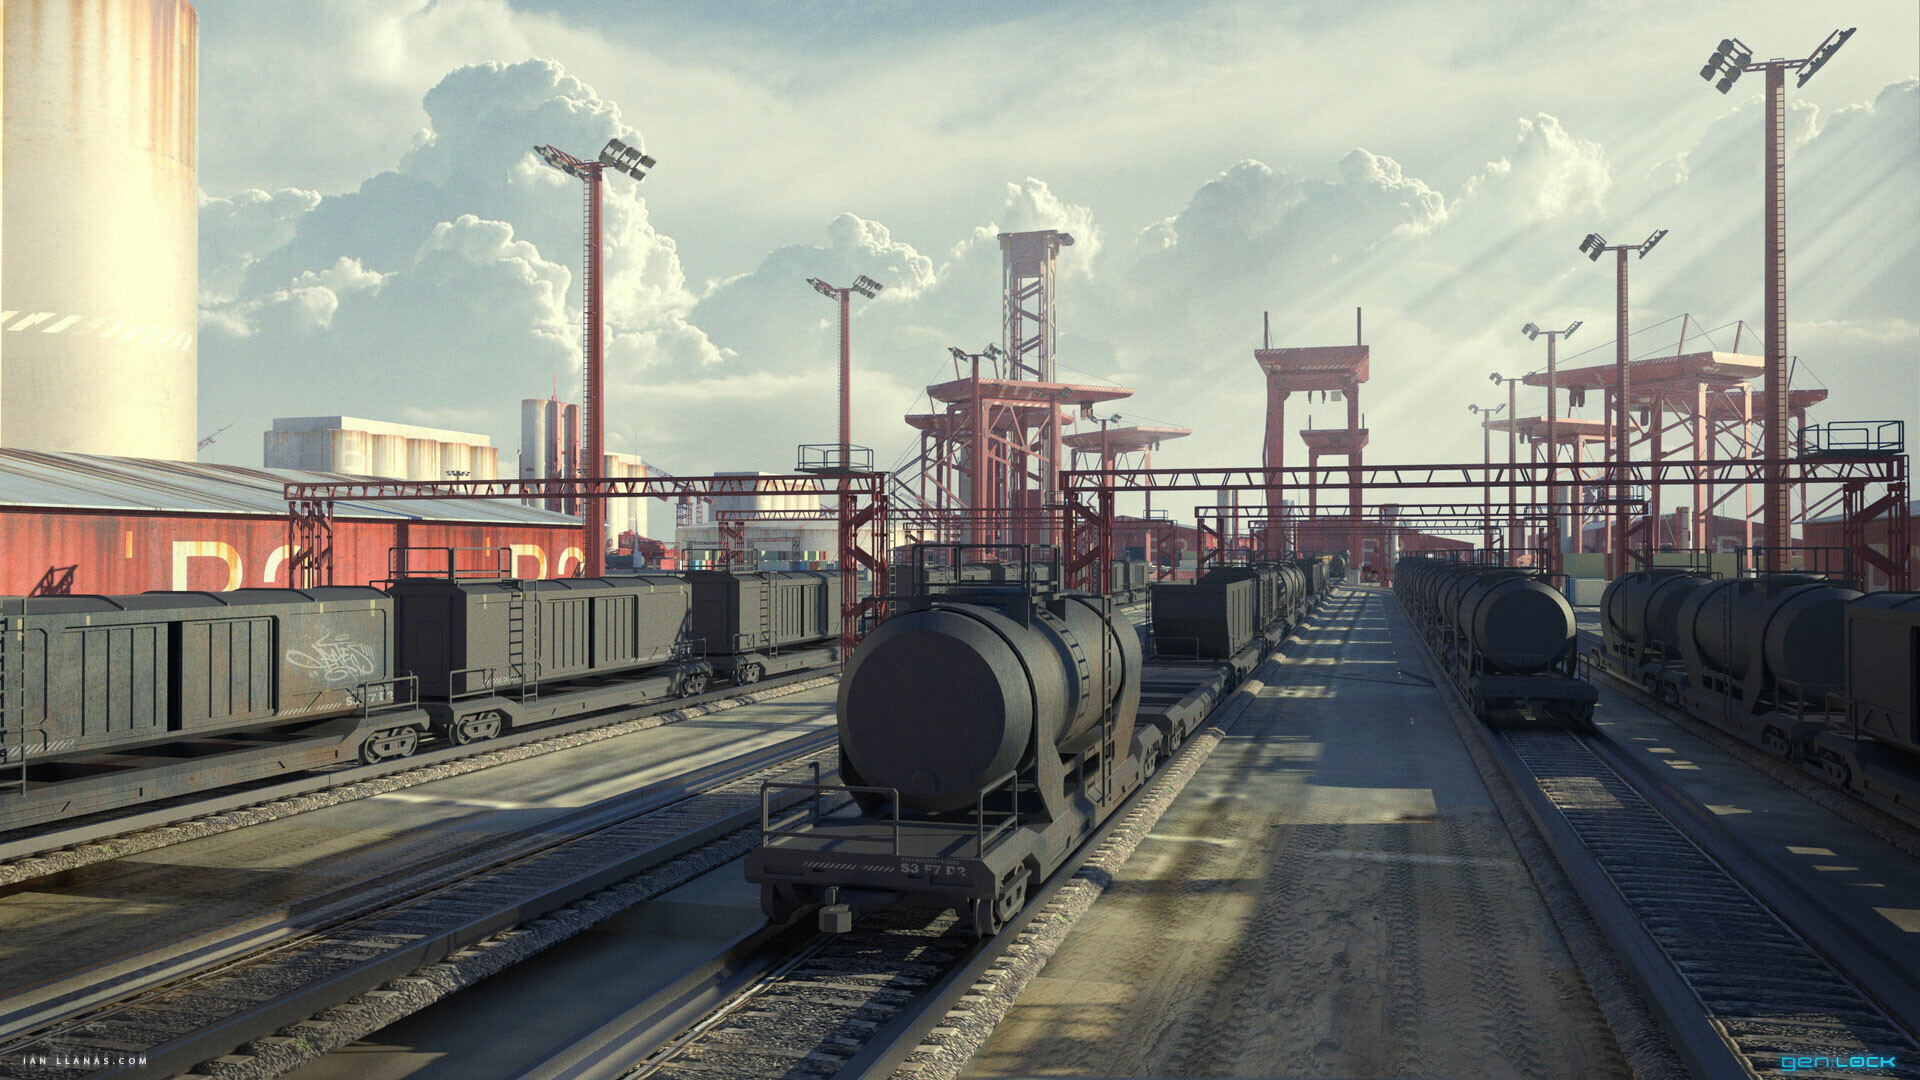 Ian llanas trainyard traincars2